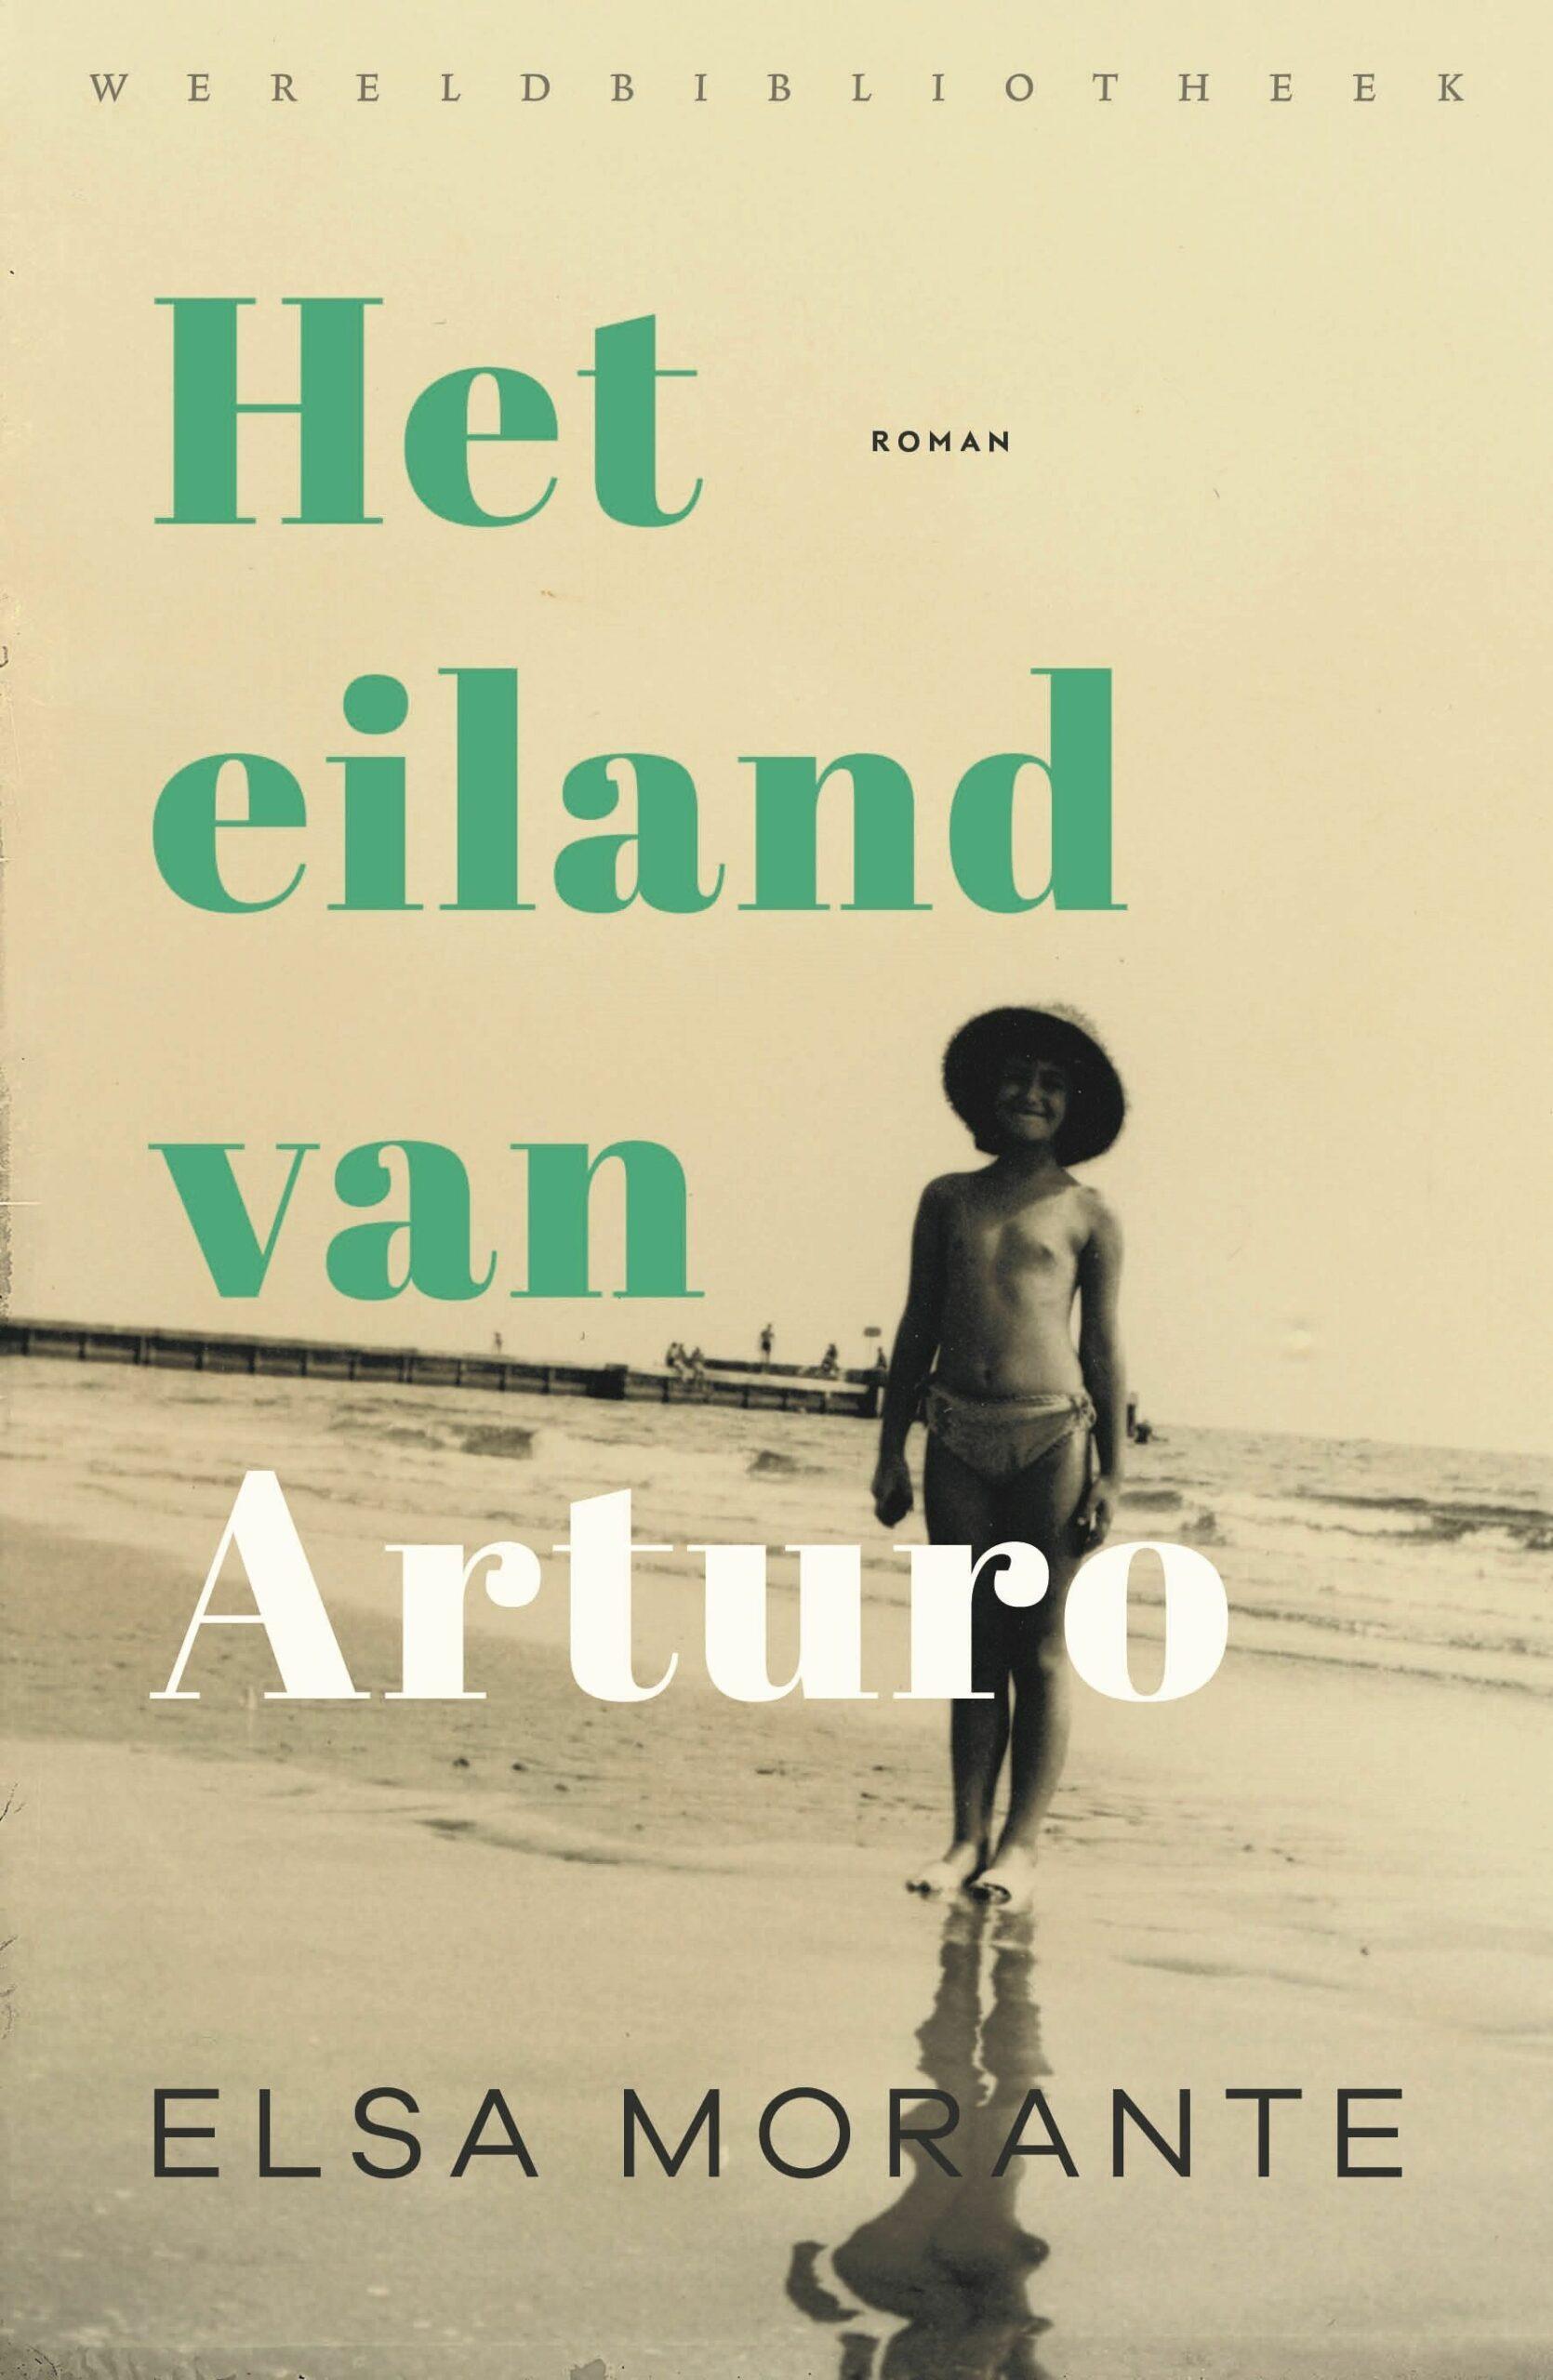 Het eiland van Arturo - boekenflits